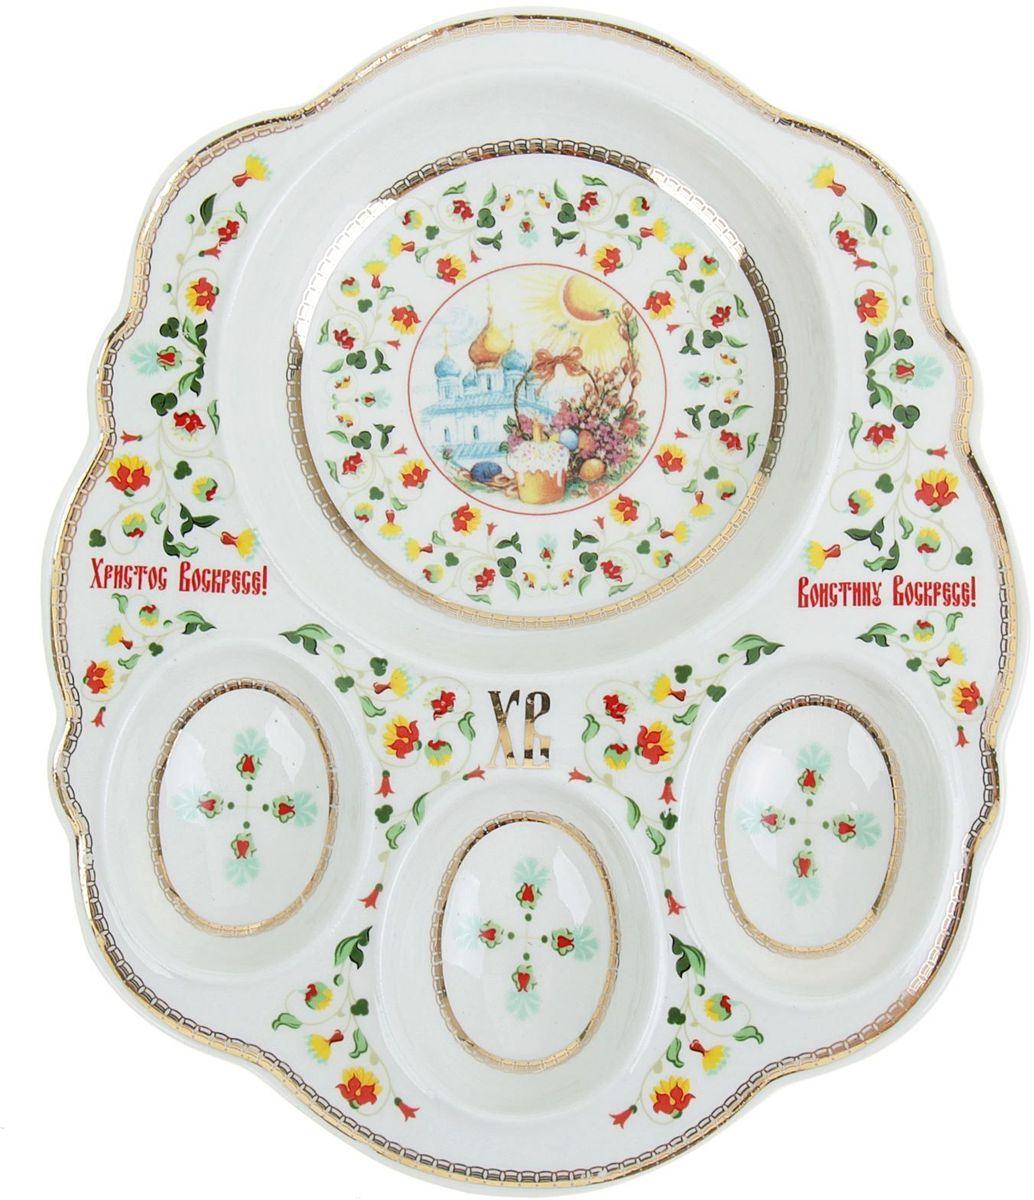 Подставка пасхальная Эдем, под яйца, 16,5 х 20 см. 867692VT-1520(SR)Фигурная подставка на 3 яйца и кулич изготовлена из прочной белоснежной керамики с нанесением тематических изображений насыщенными натуральными и безопасными красками. Дизайн с прорисовкой изящного орнамента и светлой пасхальной композиции разработан профессионалами компании Сима-ленд.Аксессуар станет дополнительным украшением праздничного стола, создаст радостное настроение и наполнит пространство вашего дома благостной энергией на весь год вперёд.Благодаря яркой упаковке сувенир будет ценным памятным подарком для родных, друзей и коллег.Радости, добра и света вам и вашим близким!